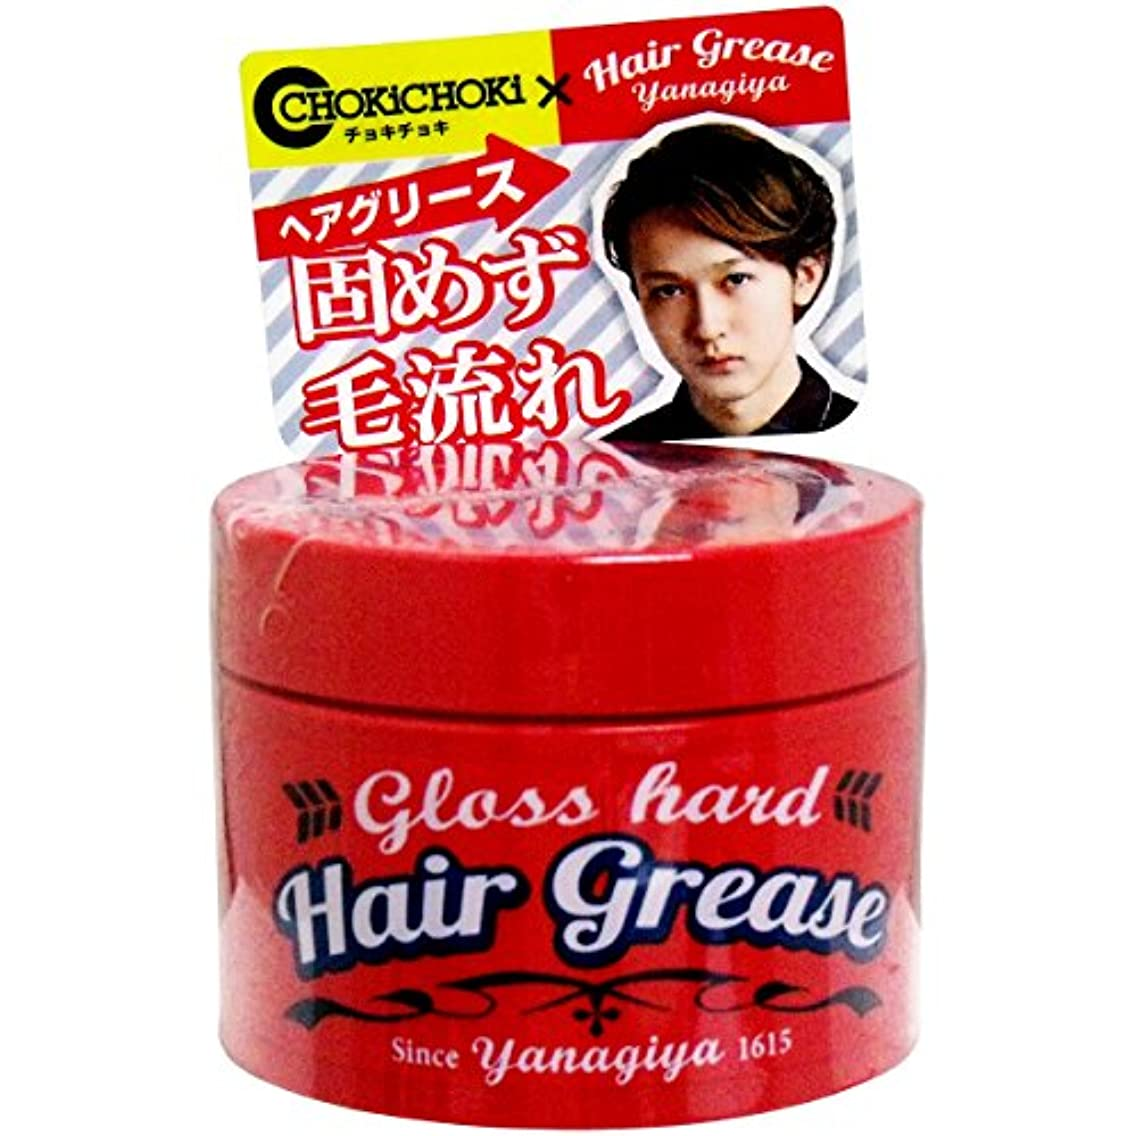 不潔モネしなやかヘアワックス 固めず毛流れ 使いやすい YANAGIYA ヘアグリース グロスハード 90g入【2個セット】